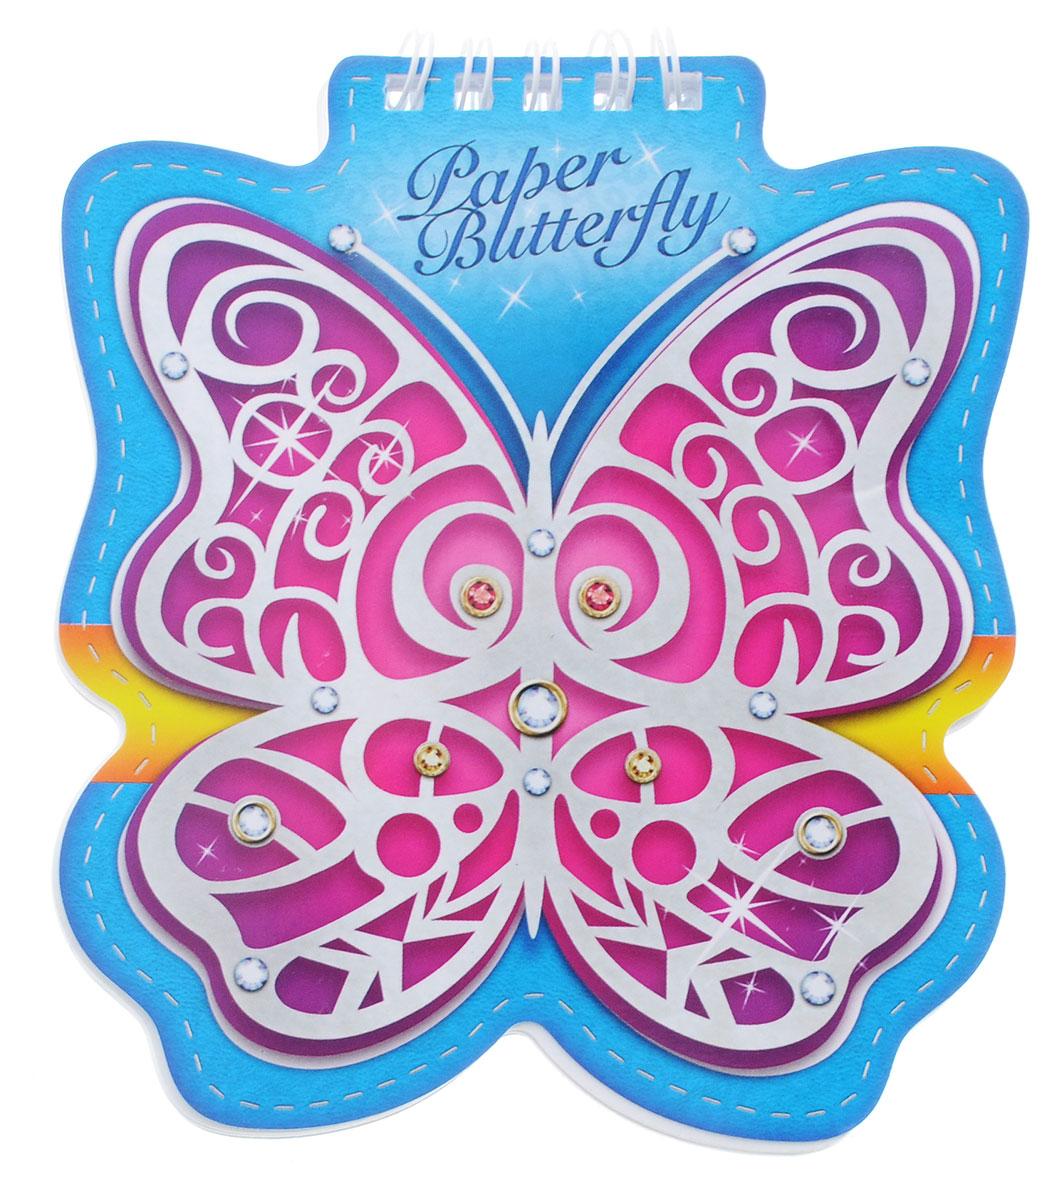 Hatber Блокнот Paper Butterfly 60 листов60Б6Aгр_12691Блокнот Hatber Paper Butterfly послужит прекрасным местом для памятных записей, любимых стихов и многого другого.Внутренний блок состоит из 60 листов белой бумаги на металлическом гребне без линовки.Интересные форма и обложка блокнота притягивают взгляды всех любителей необычного. Блокнот - незаменимый атрибут современного человека, необходимый для рабочих и повседневных записей в офисе и дома.